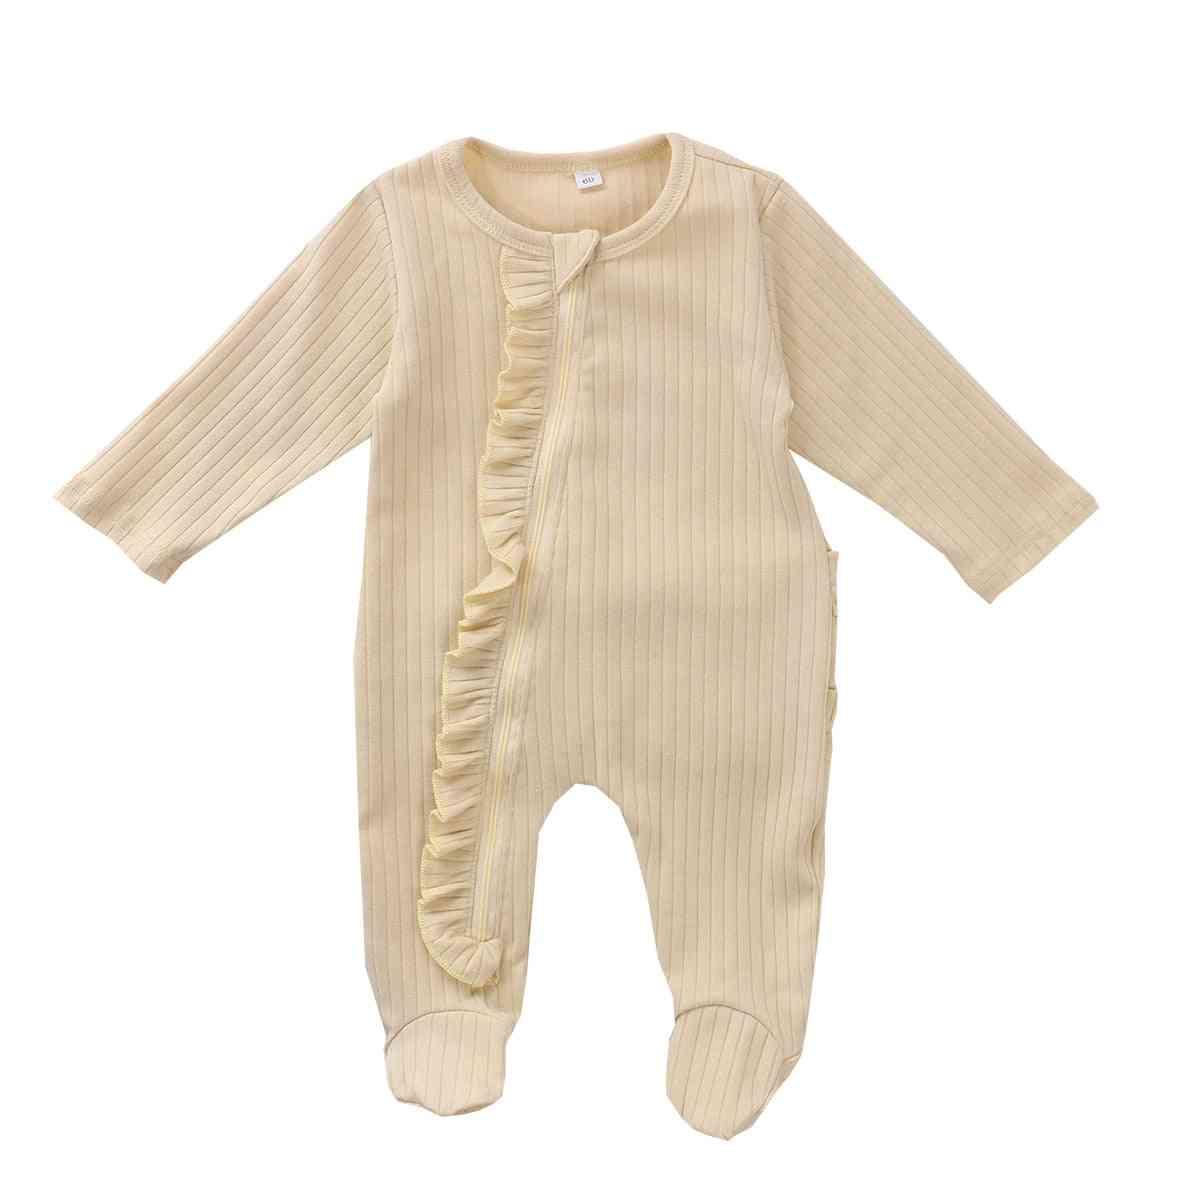 Solid Long Sleeve, Zipper Ruffles, Warm Sleepwear